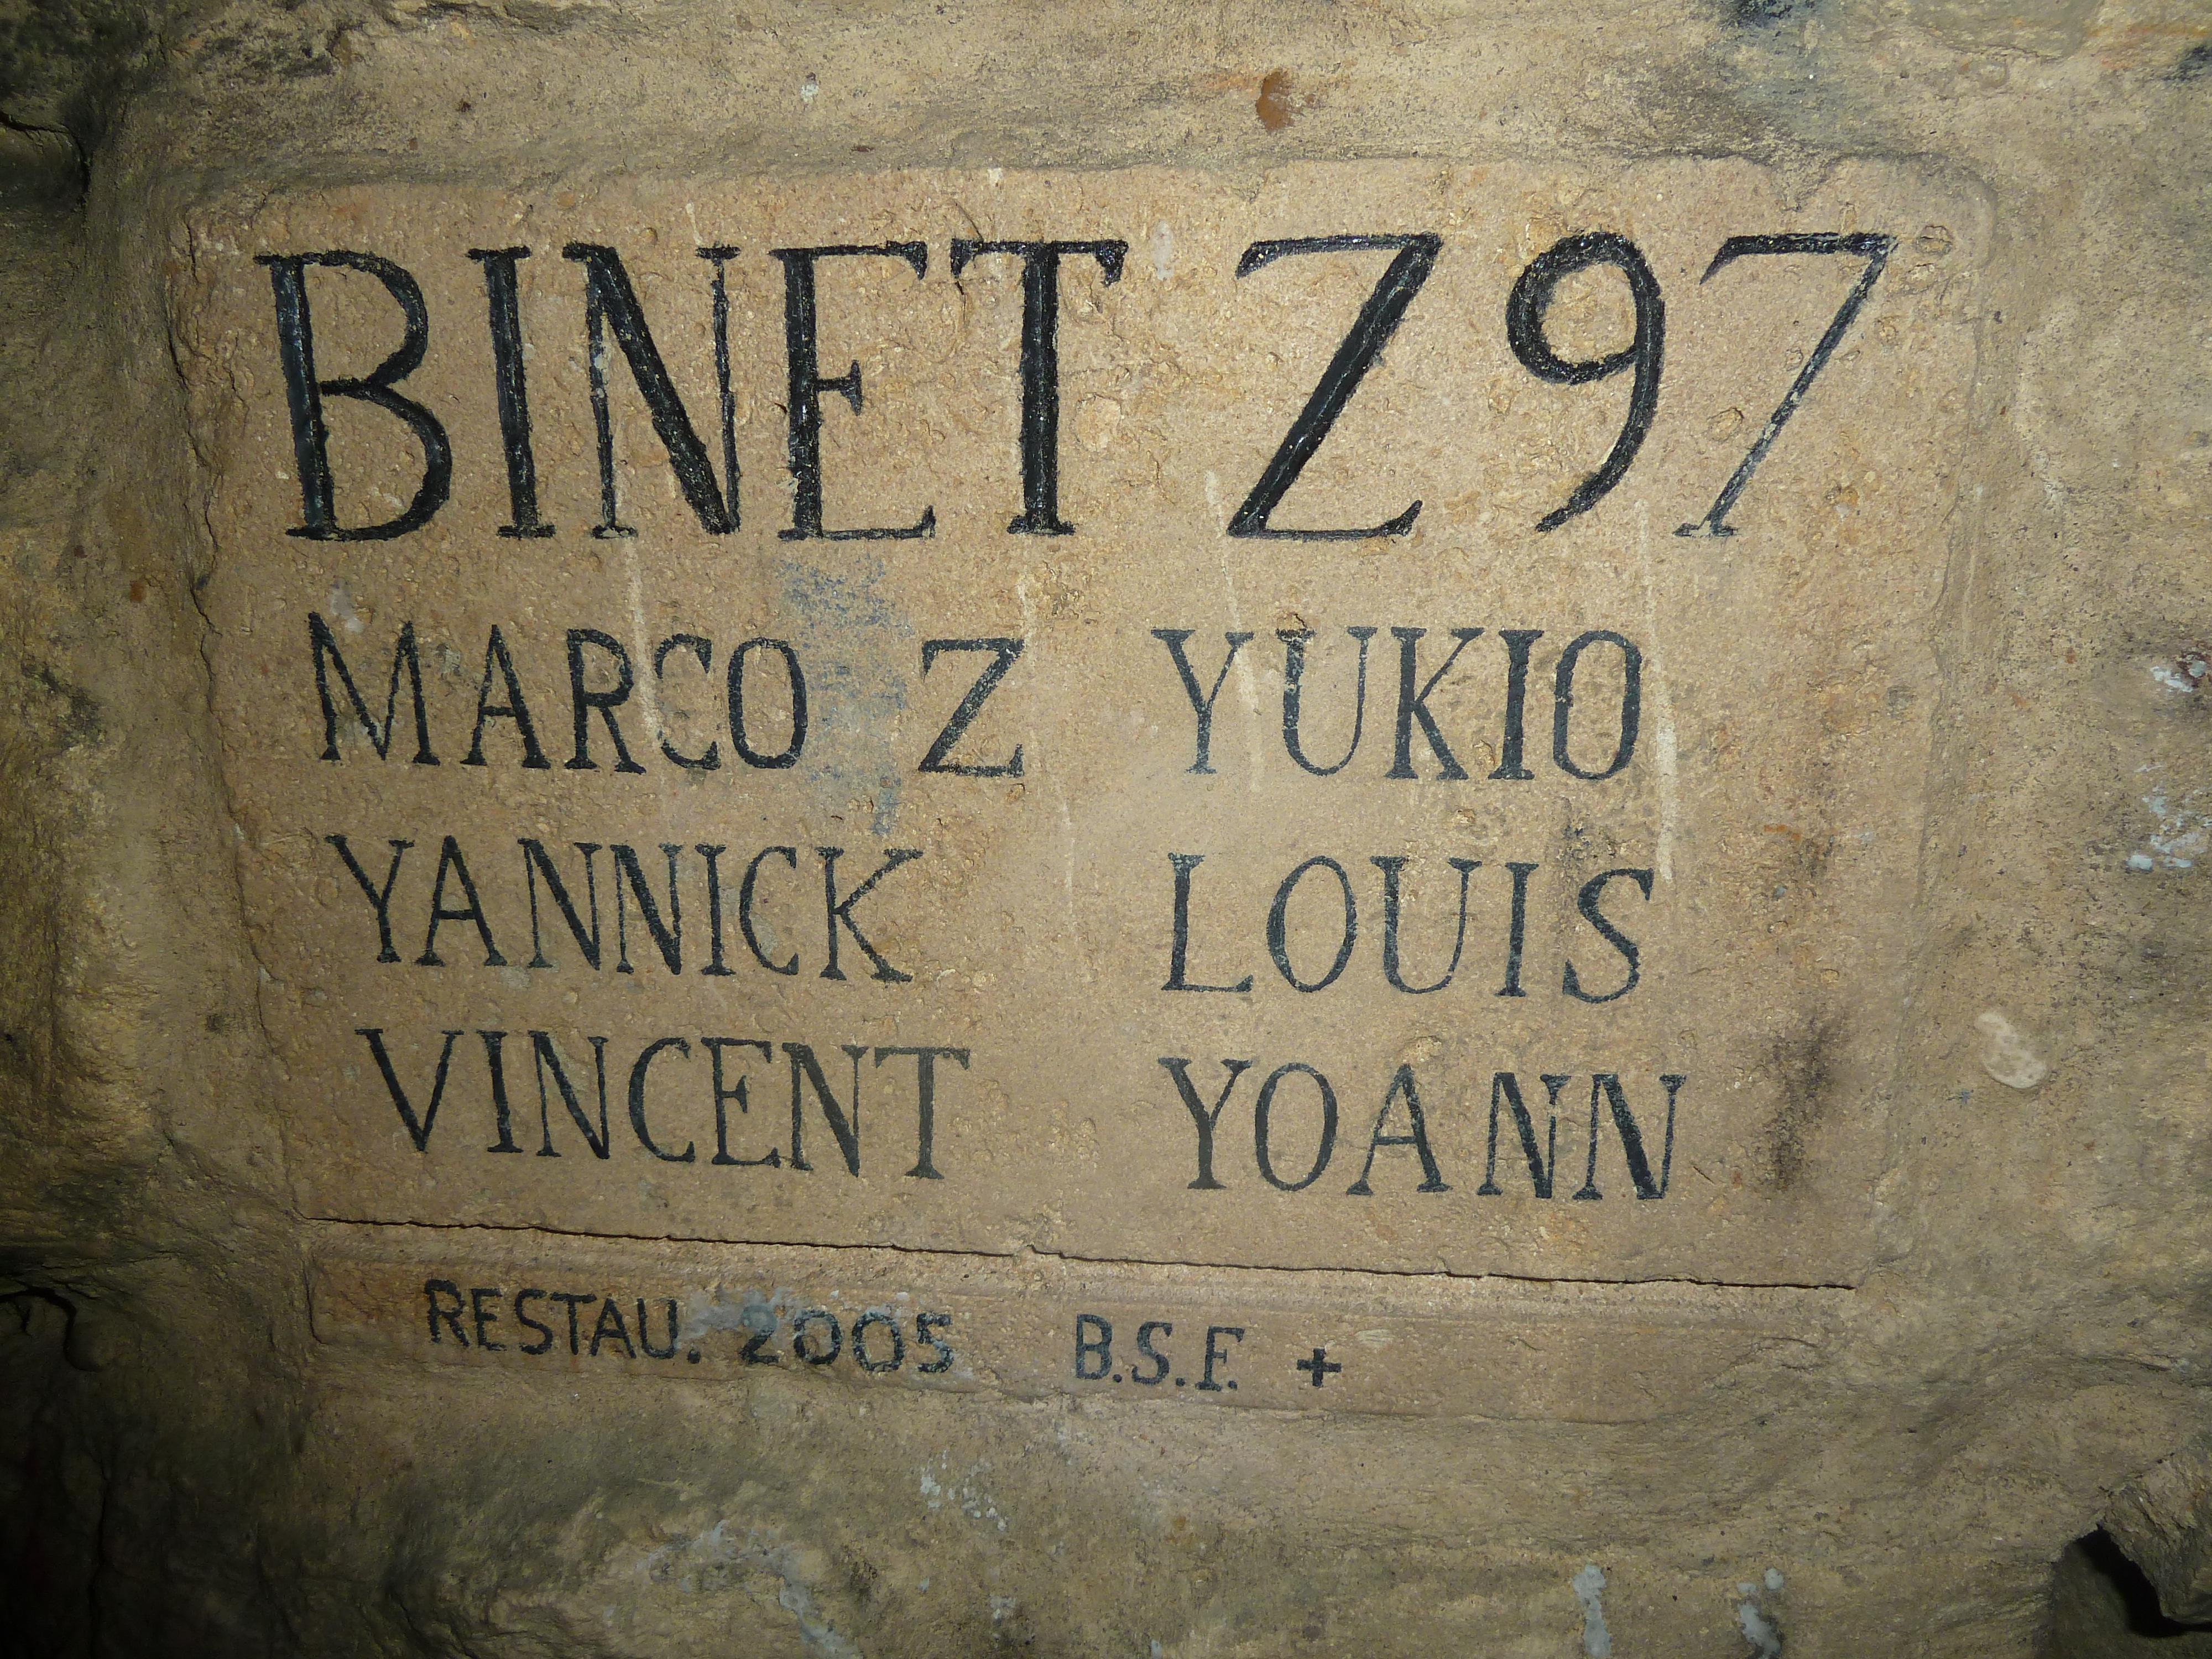 Binet Z97